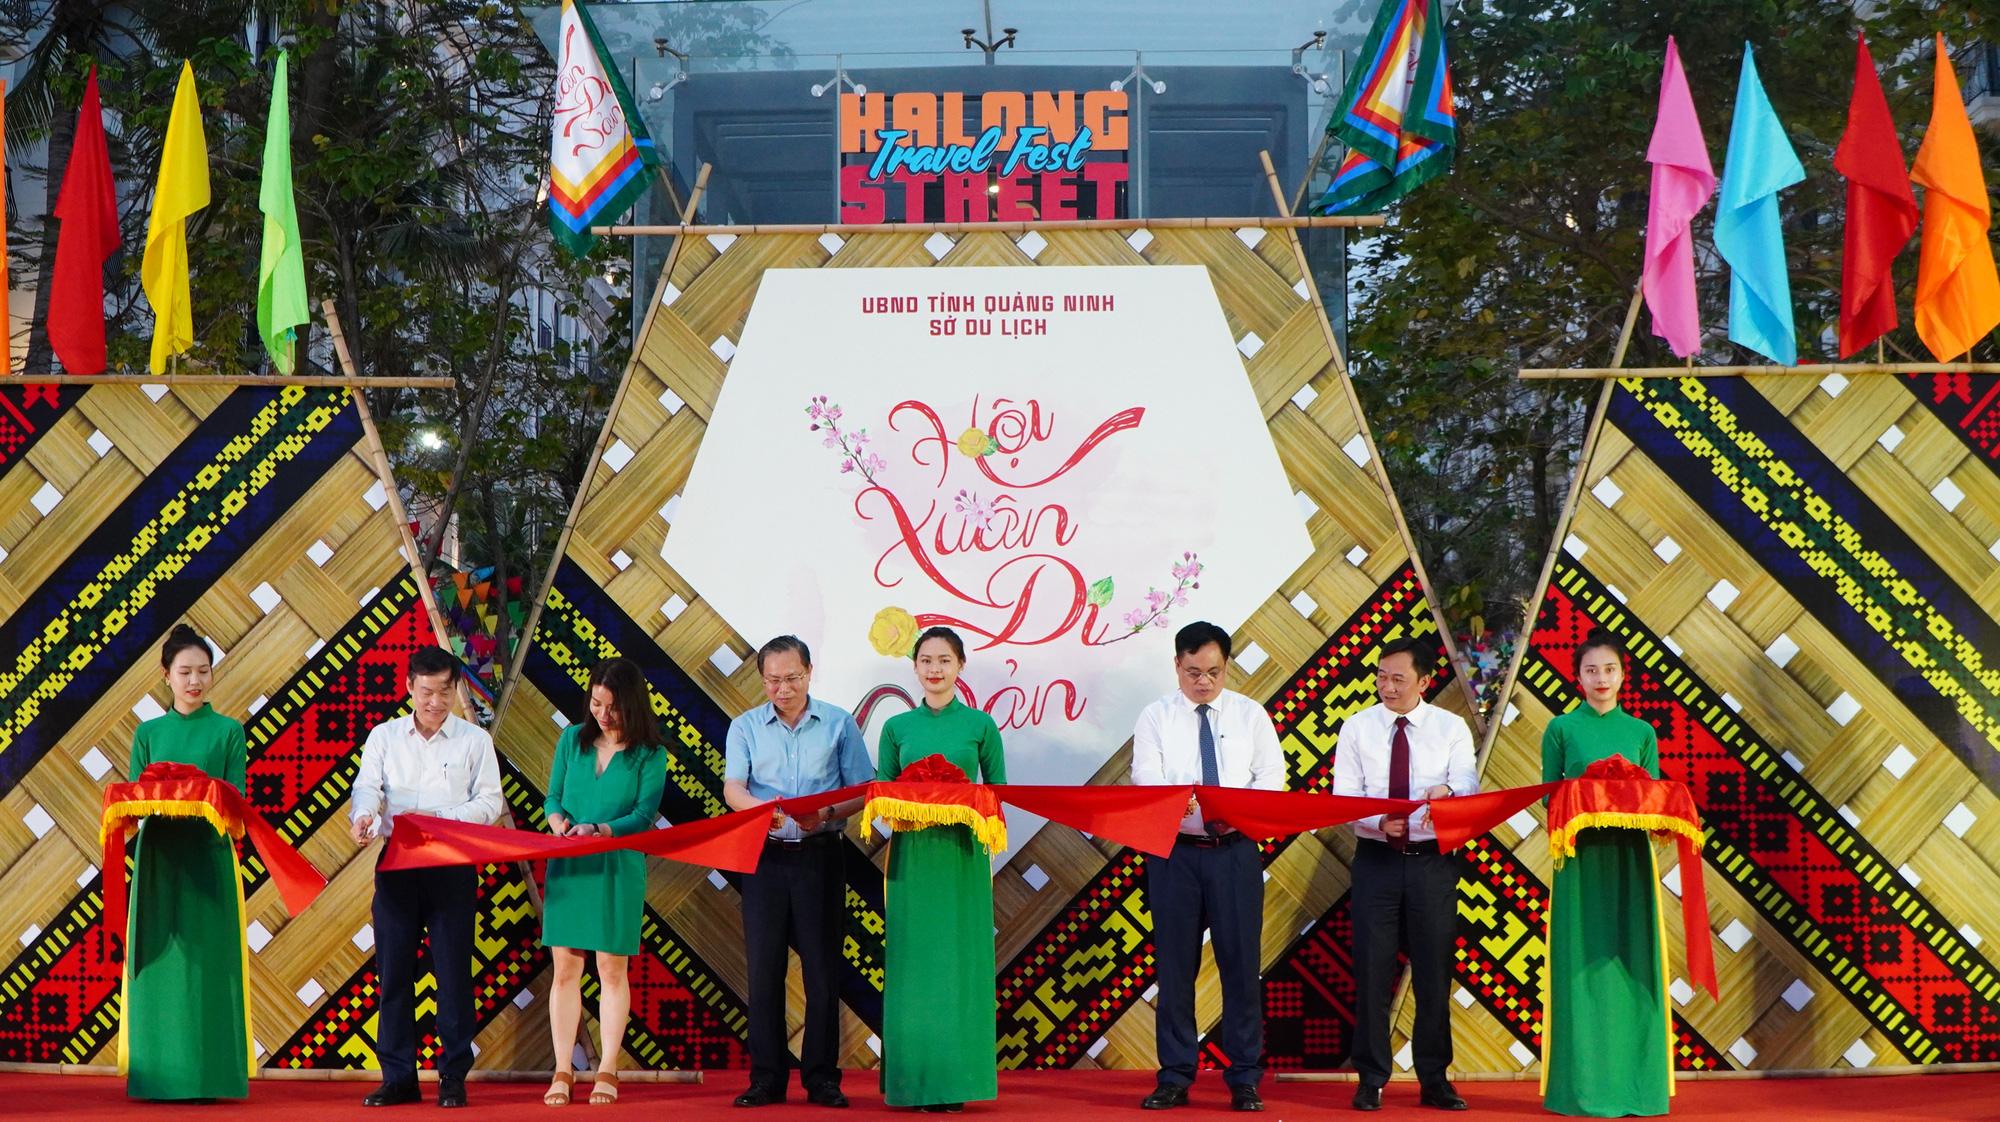 """Quảng Ninh: Khám phá 5 không gian vùng miền tại """"Hội Xuân di sản"""" Hạ Long - Ảnh 1."""